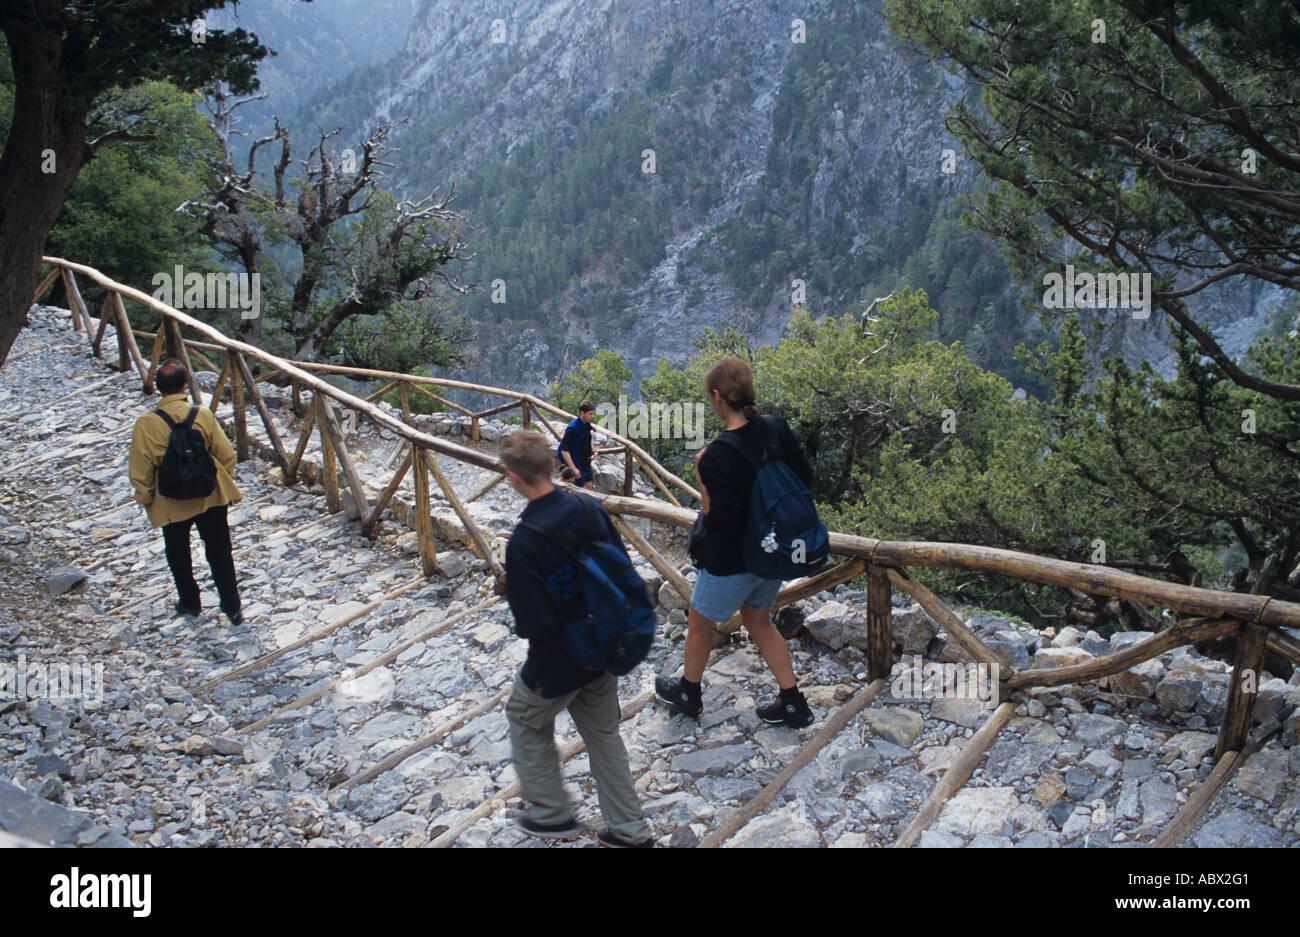 Greece Kreta Samaria Schlucht Ravine Gorge Valley Stock Photo